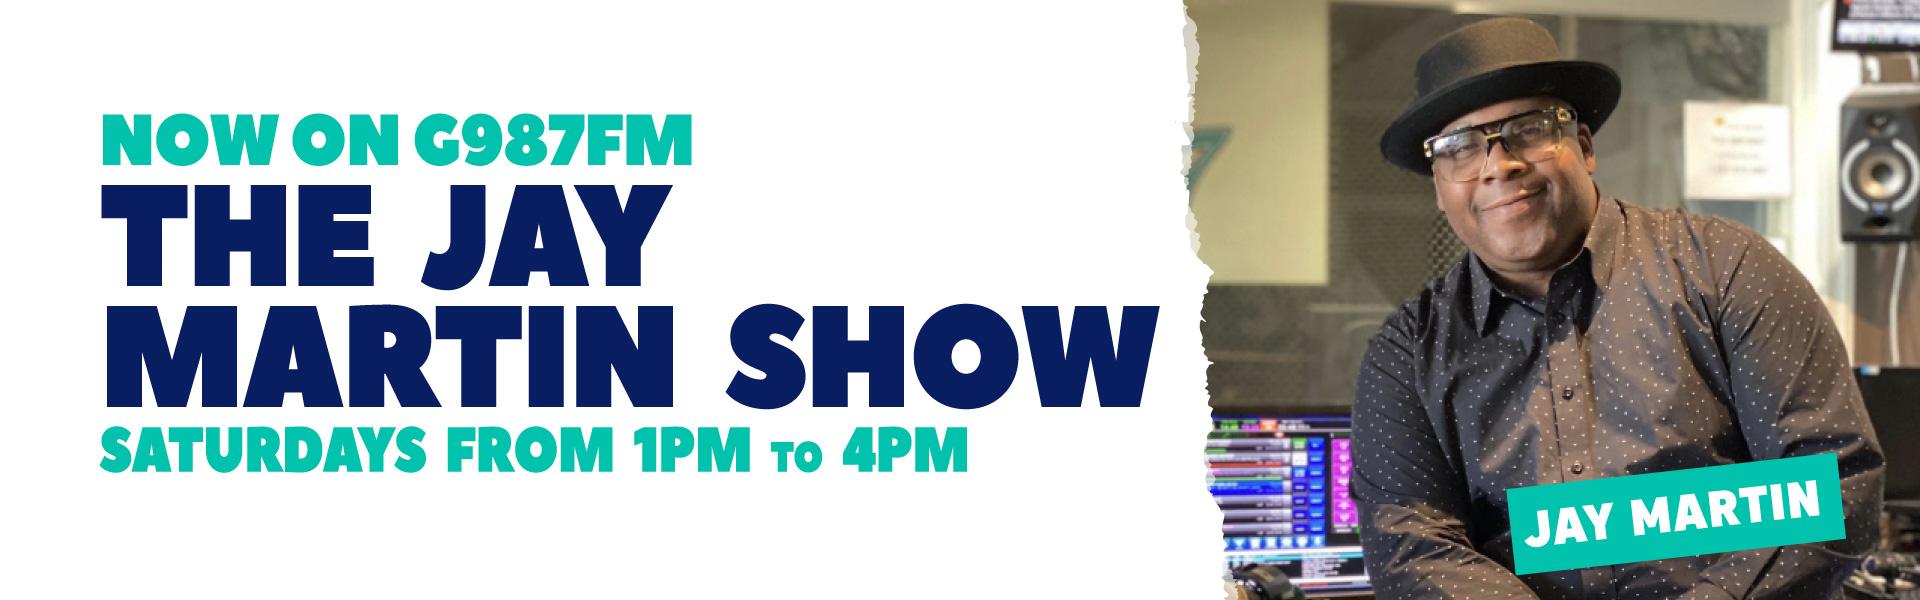 The Jay Martin Show